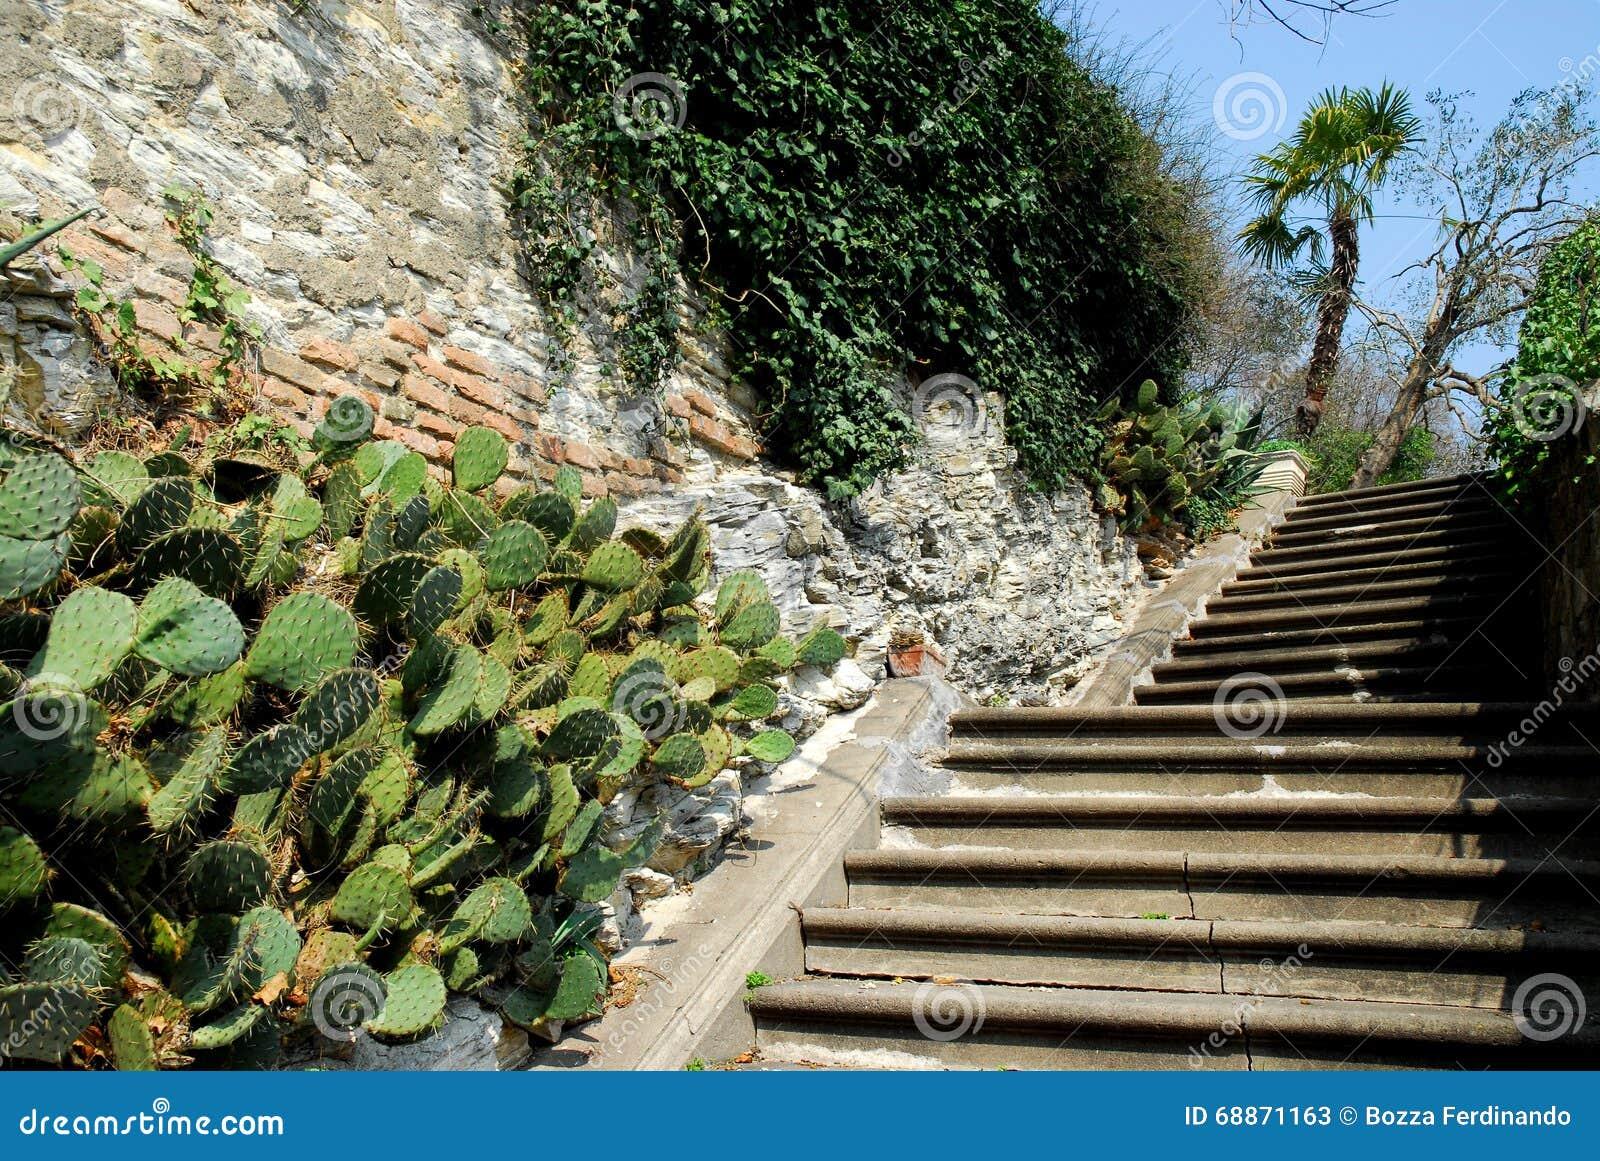 De Mooiste Trappen : Wat is voor jou tot dusver de mooiste vrije trap goal van dit wk